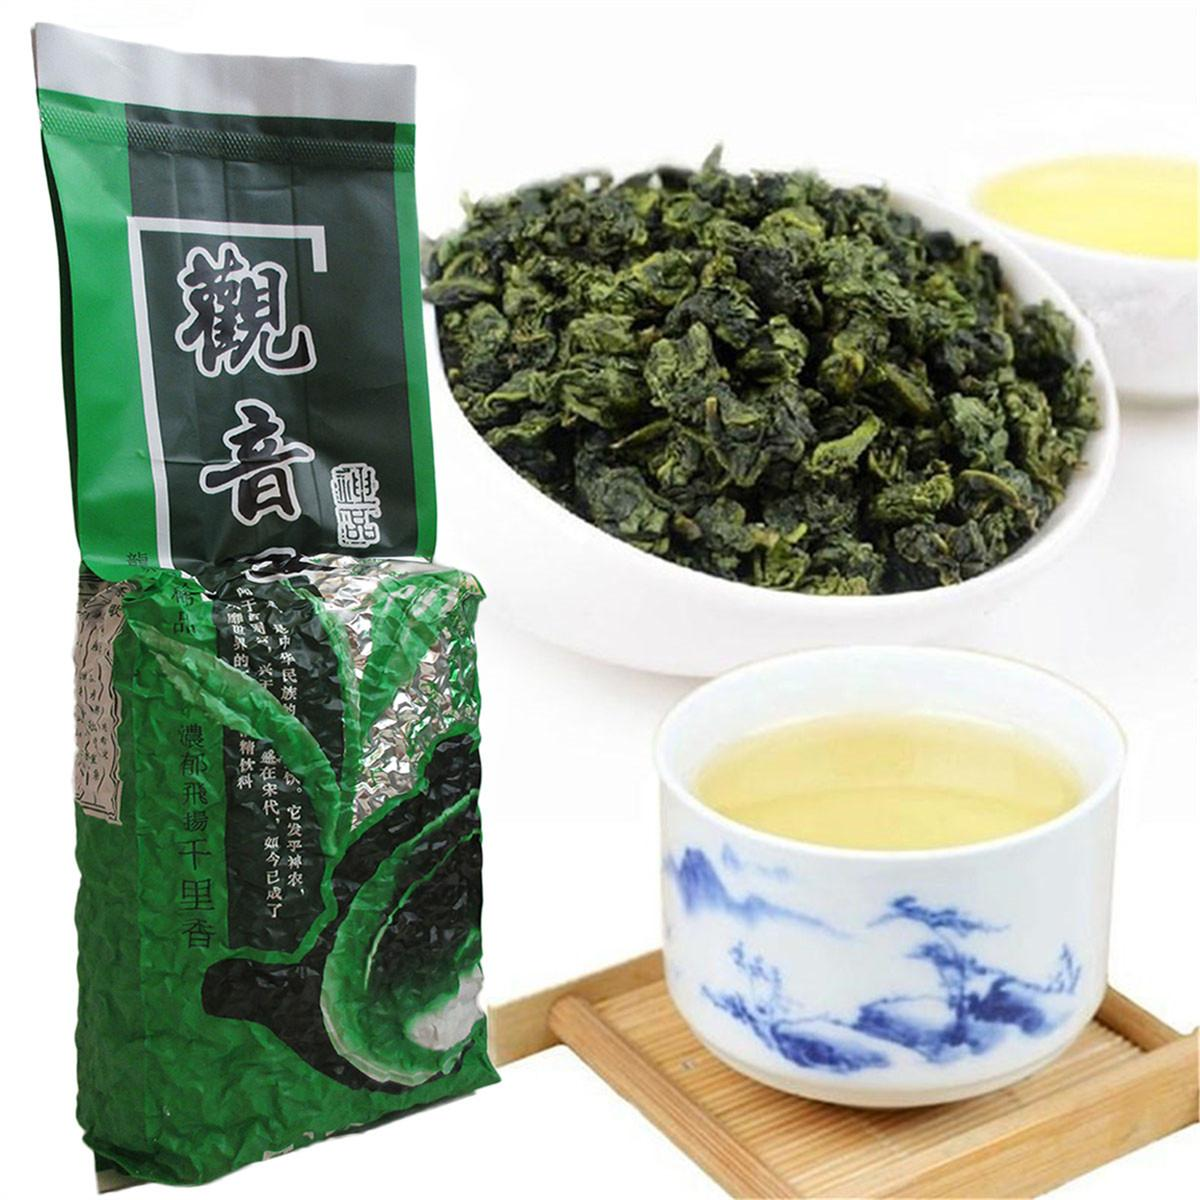 250 г Китайский органический Улун Anxi Tieguanyin аутентичный рифма ароматизатор зеленый чай новый весенний чай здоровая зеленая еда предпочтительнее